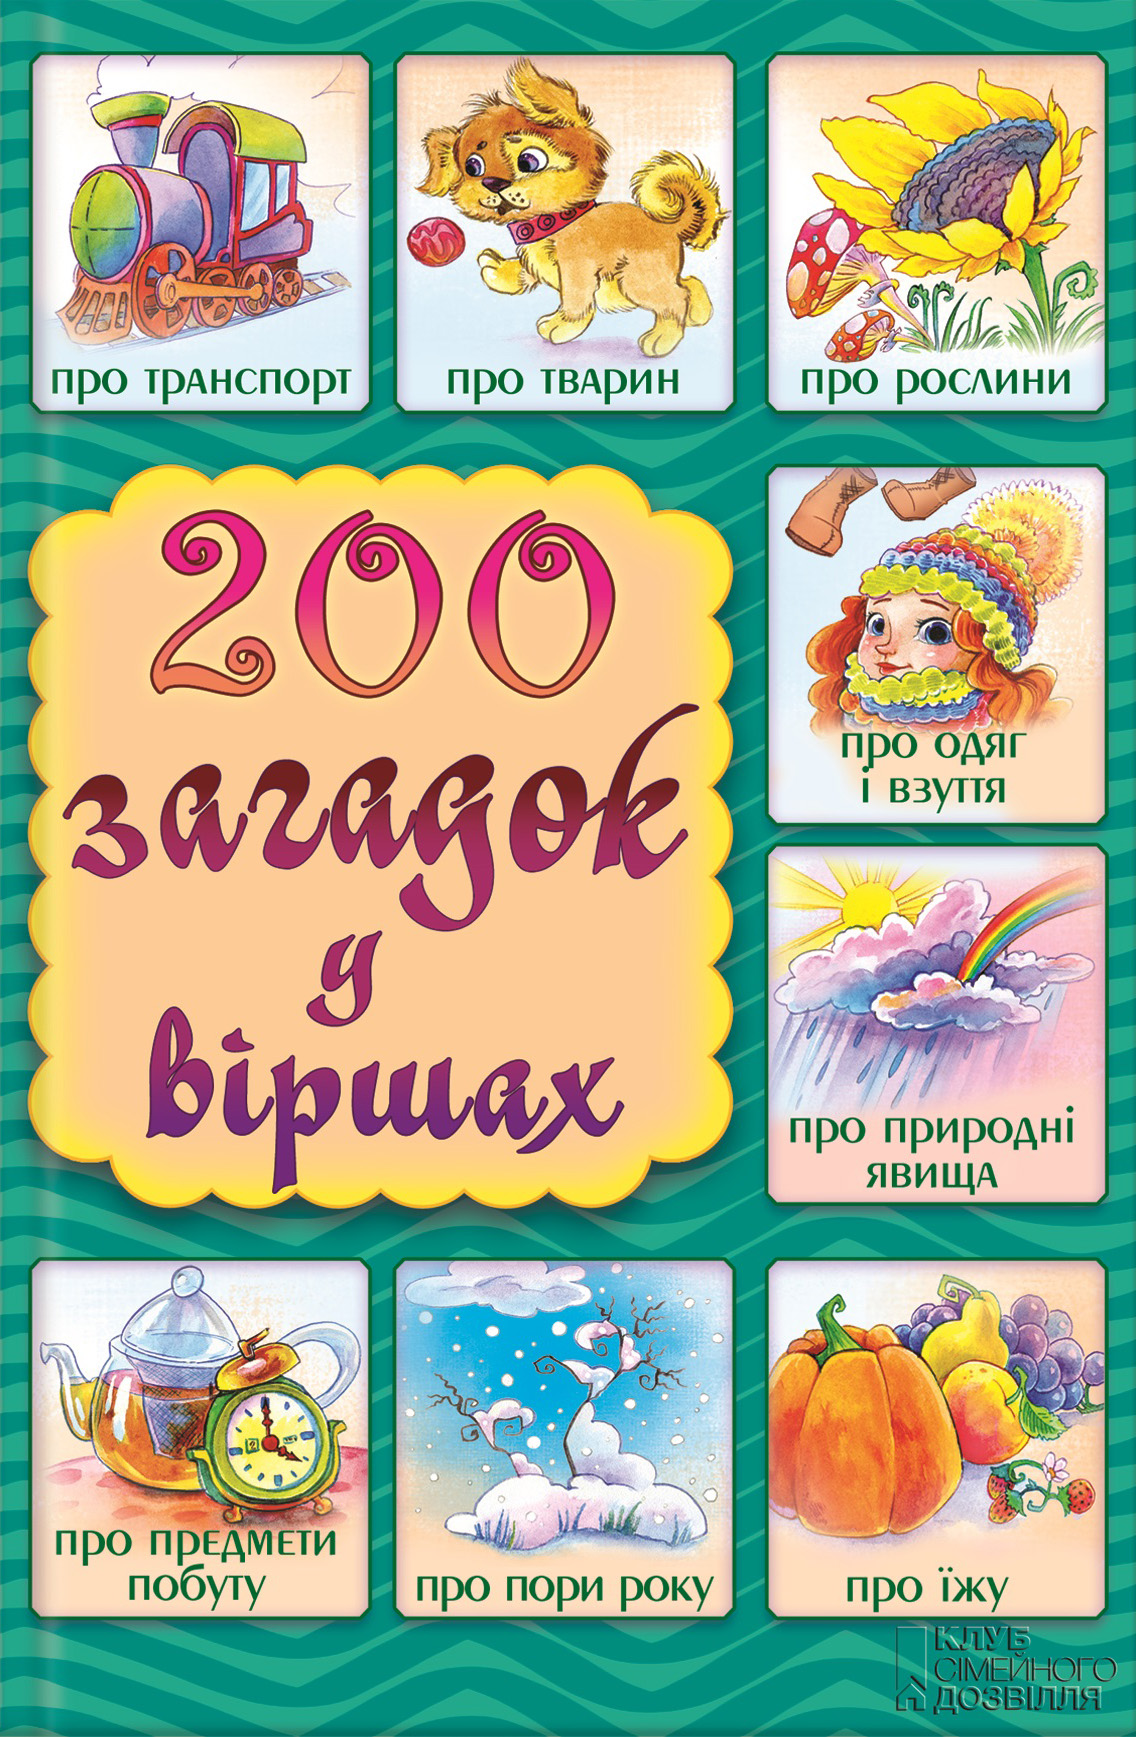 Надія Паніна 200 загадок у віршах володимир верховень чудо азбука у віршах вчимося читати з казковими героями